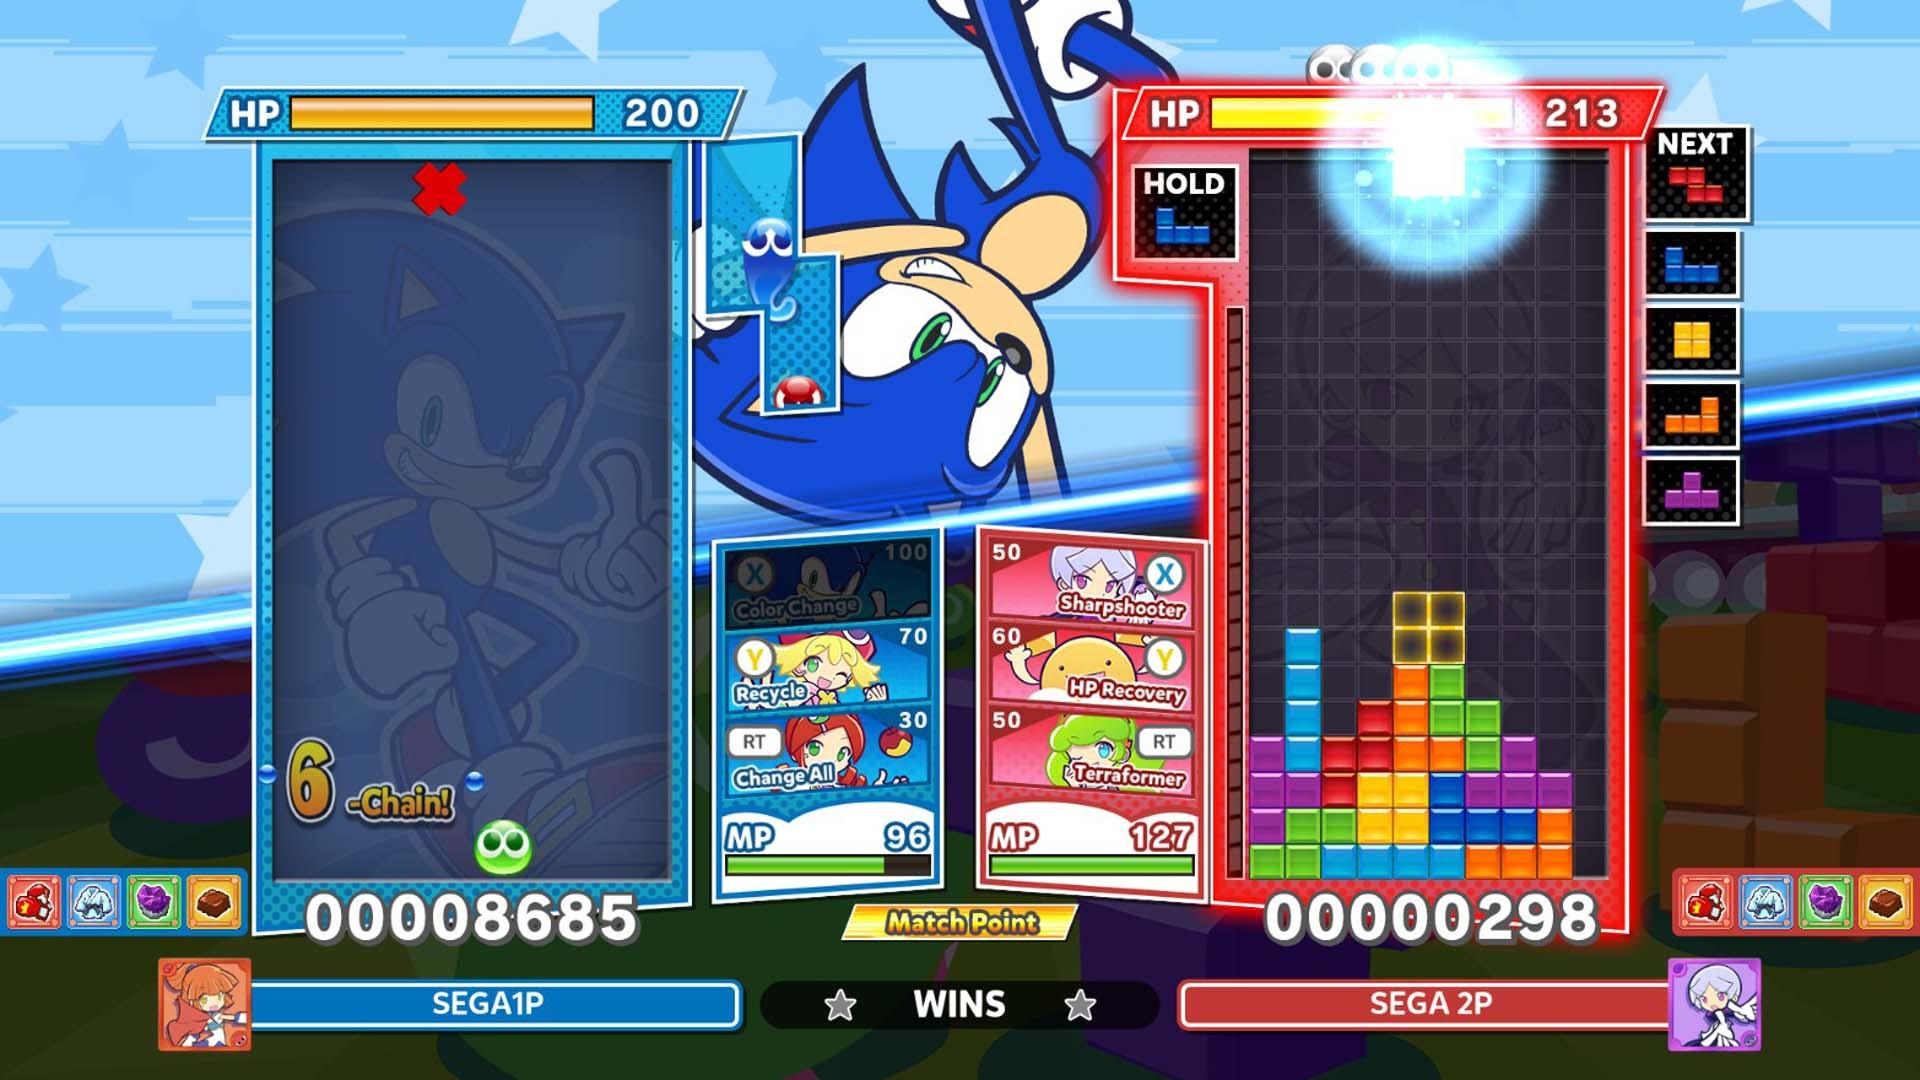 Puyo Puyo Tetris 2 pc full version